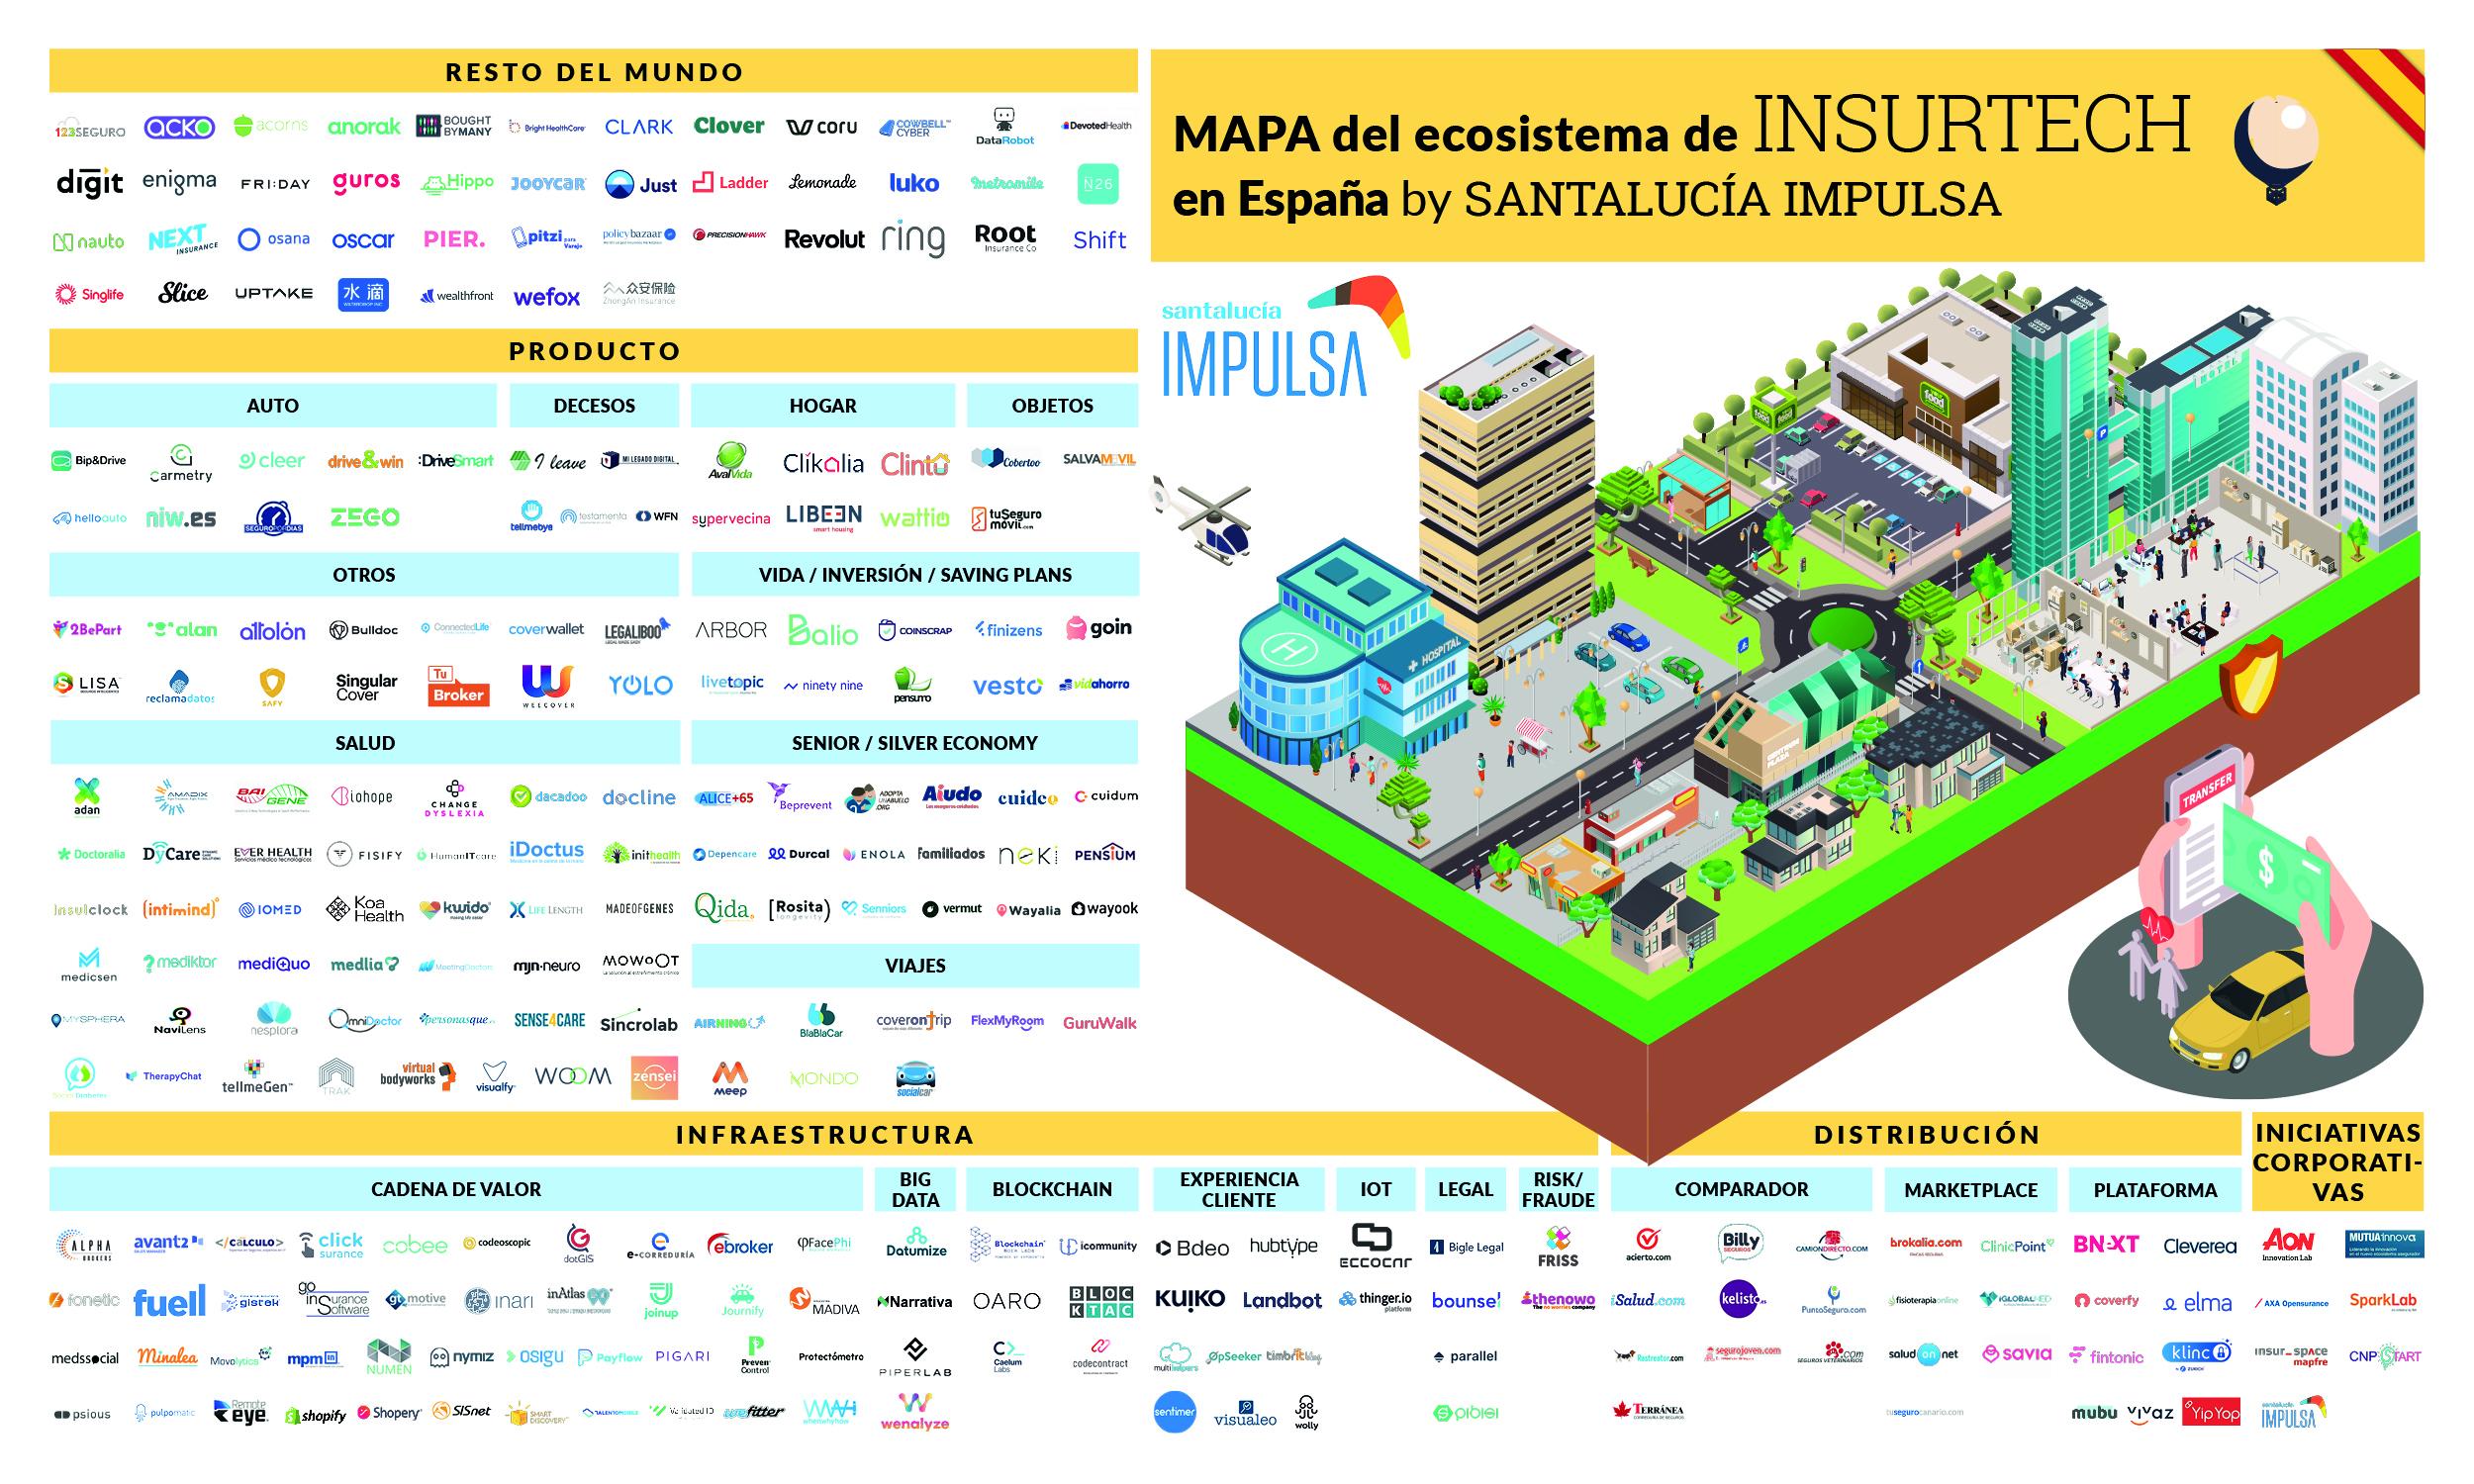 El Referente, junto a Santalucía Impulsa hemos elaborado el MAPA del sector Insurtech en España, con el objetivo de señalar los principales agentes que ayudan a la transformación del sector.